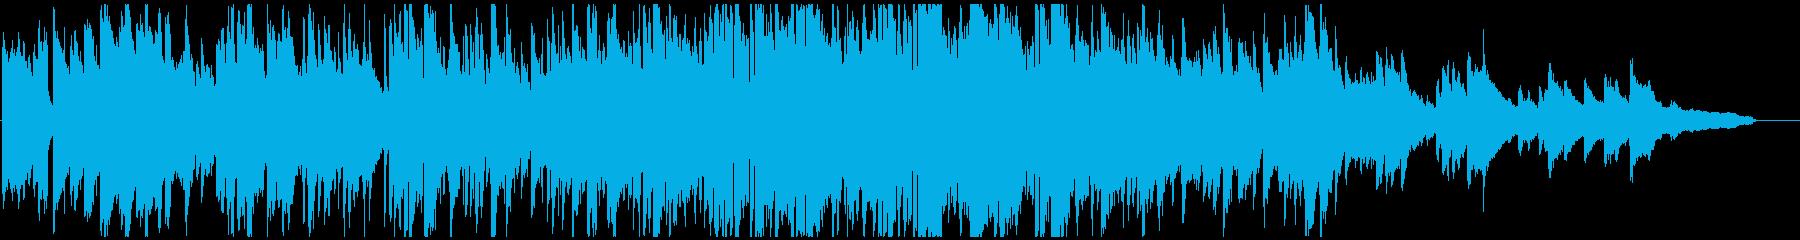 静かな波のようなボサノバ サックス生演奏の再生済みの波形